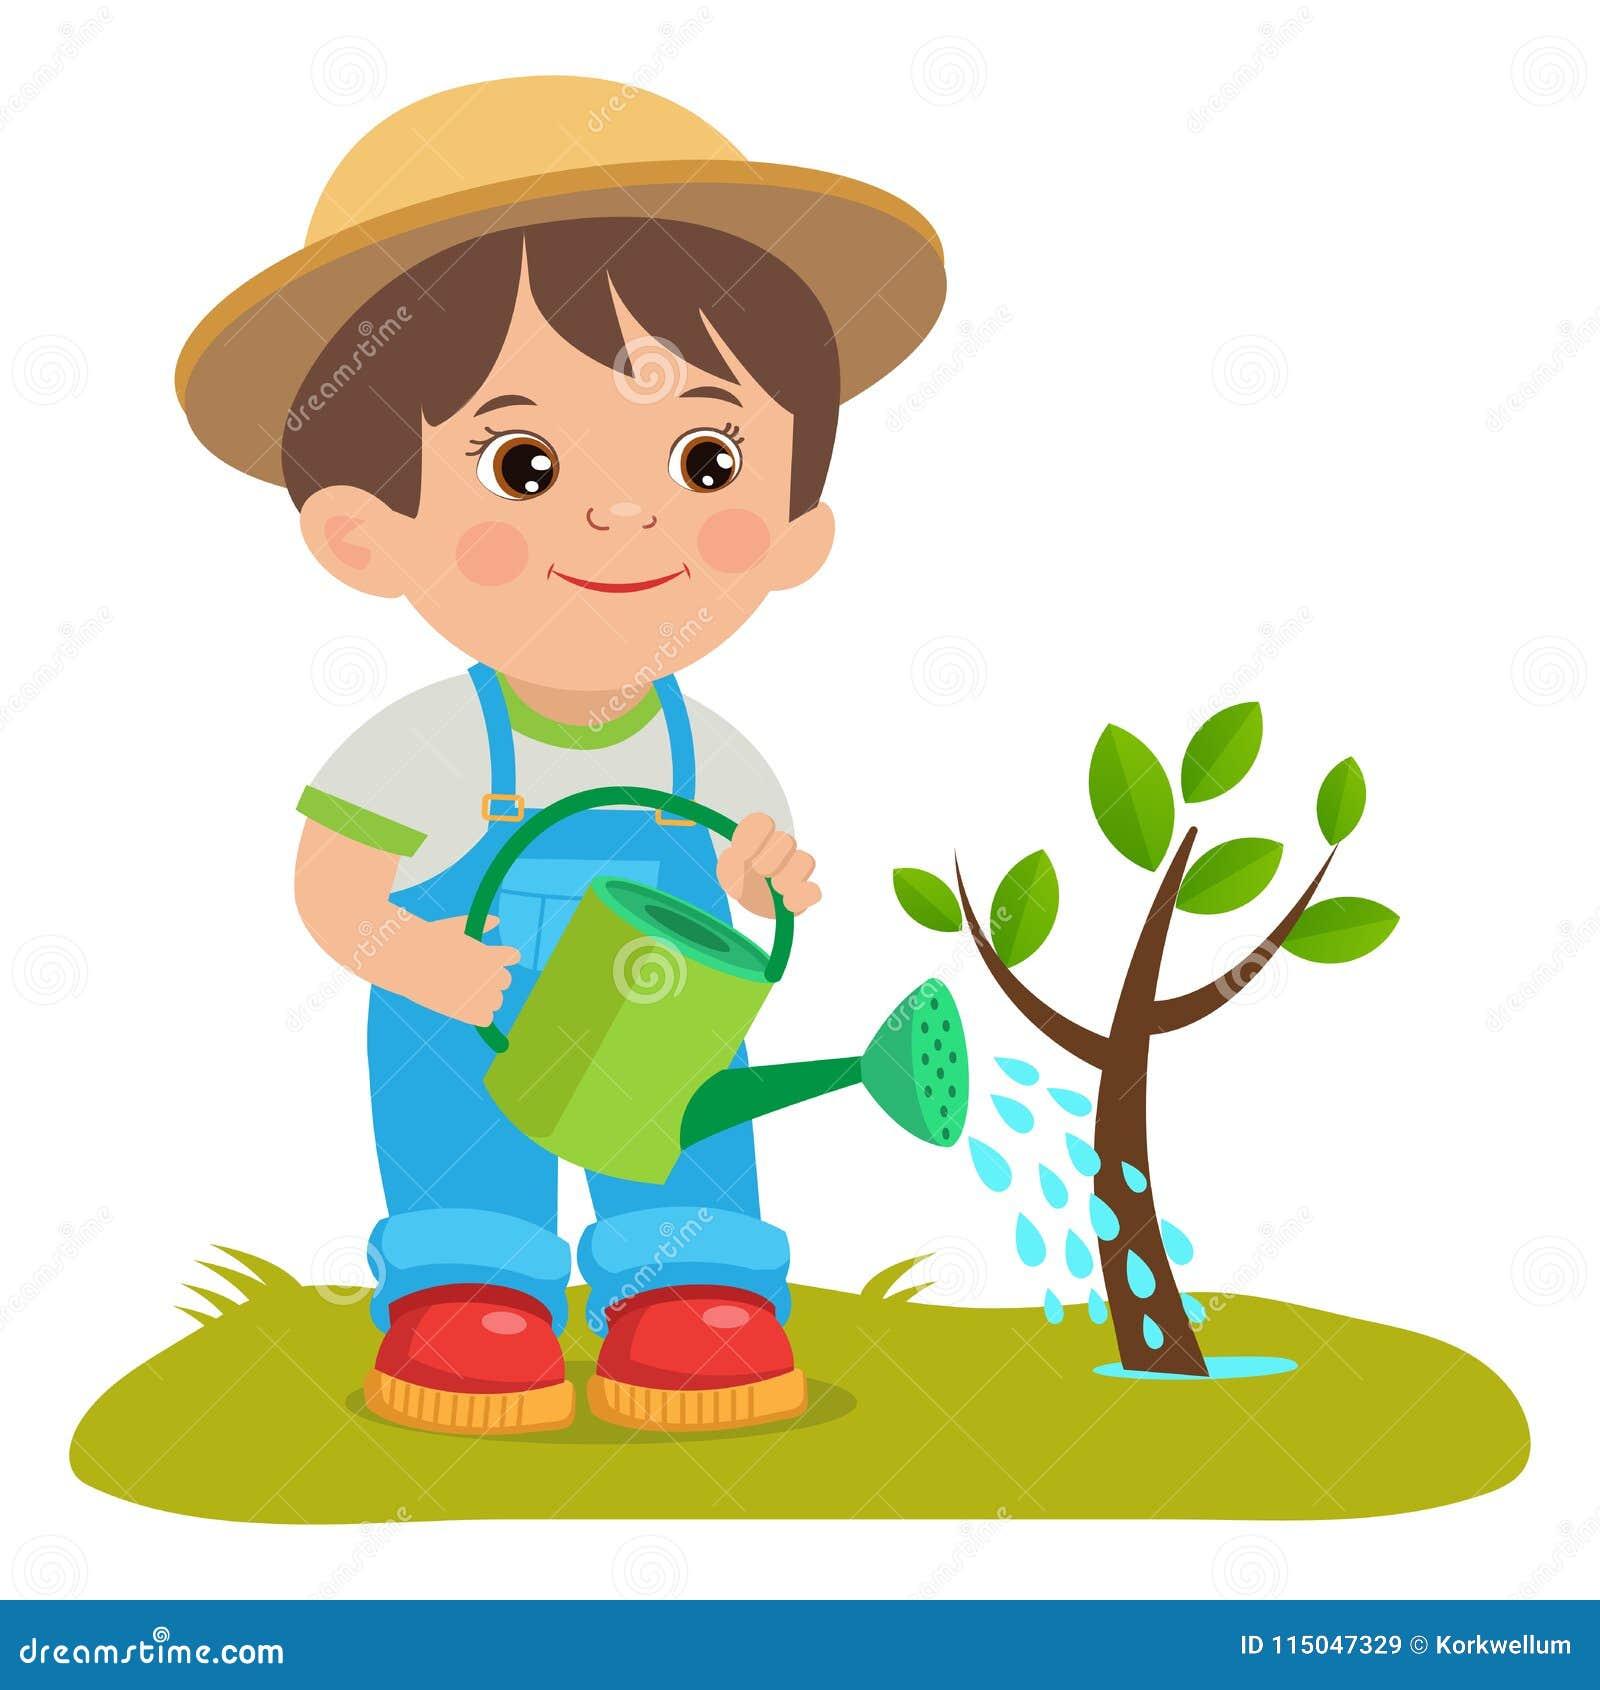 Garden Cute Cartoon: Growing Young Gardener. Cute Cartoon Boy With Watering Can